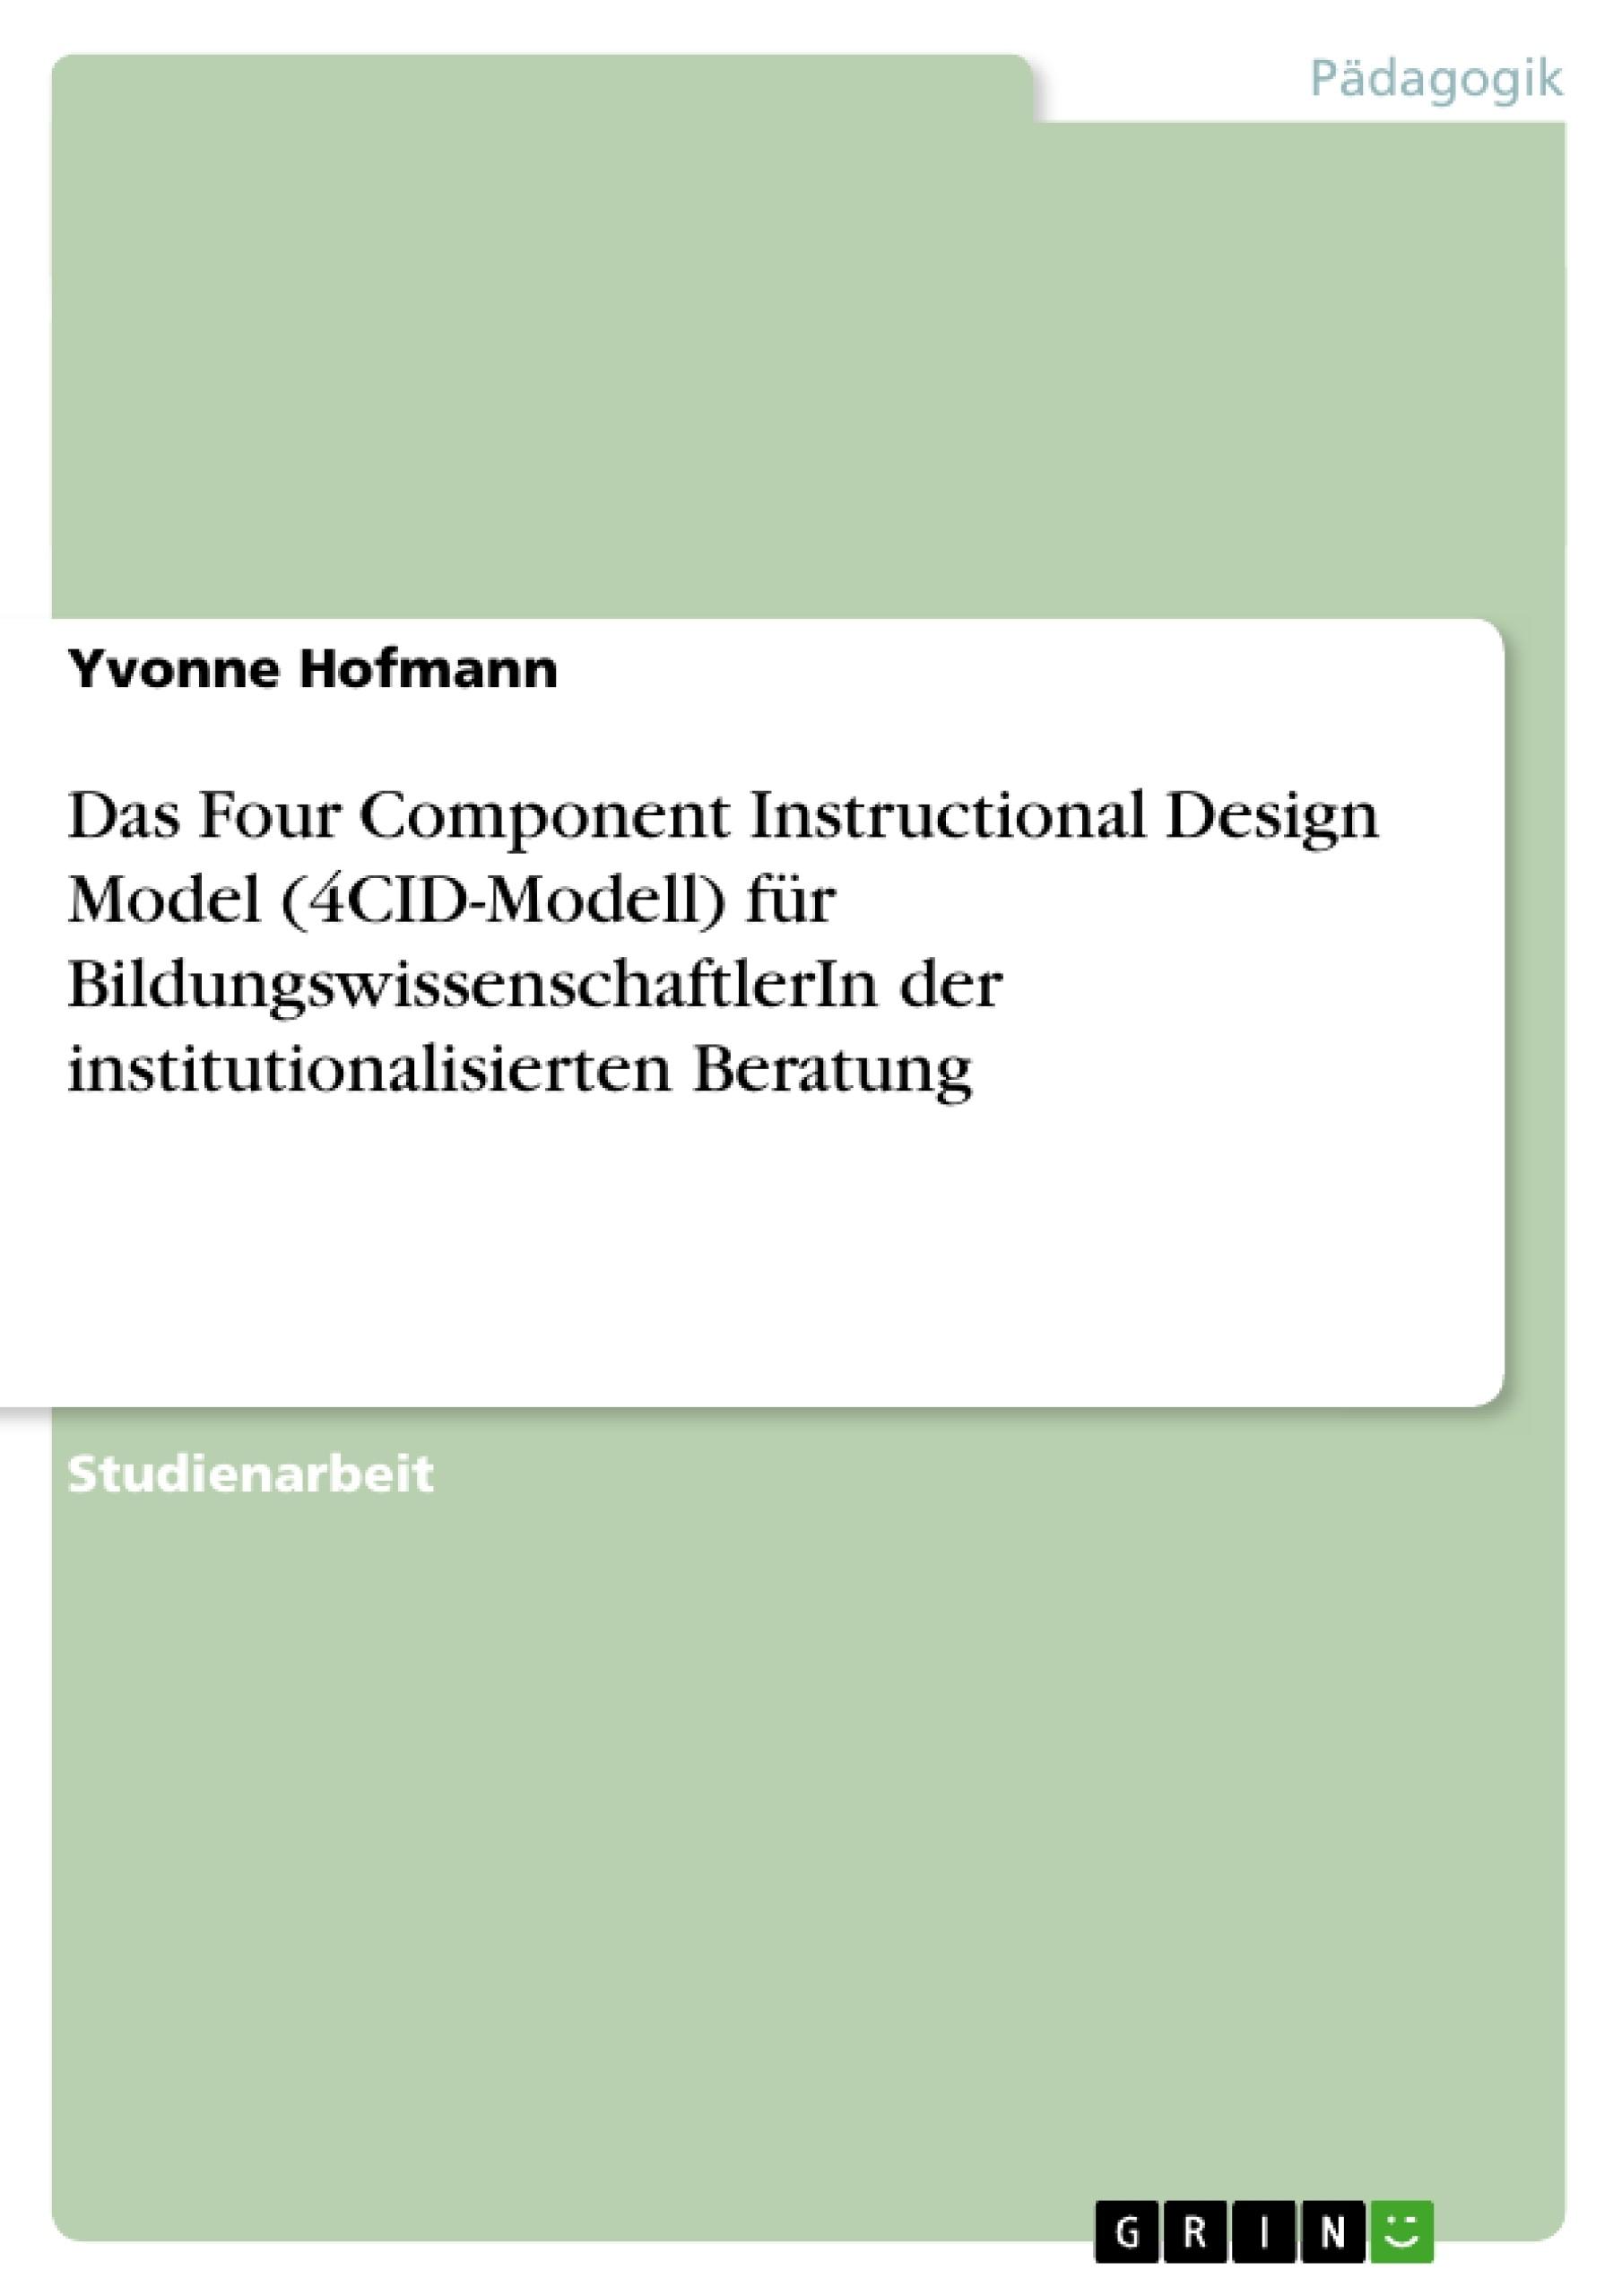 Titel: Das Four Component Instructional Design Model (4CID-Modell) für BildungswissenschaftlerIn der institutionalisierten Beratung